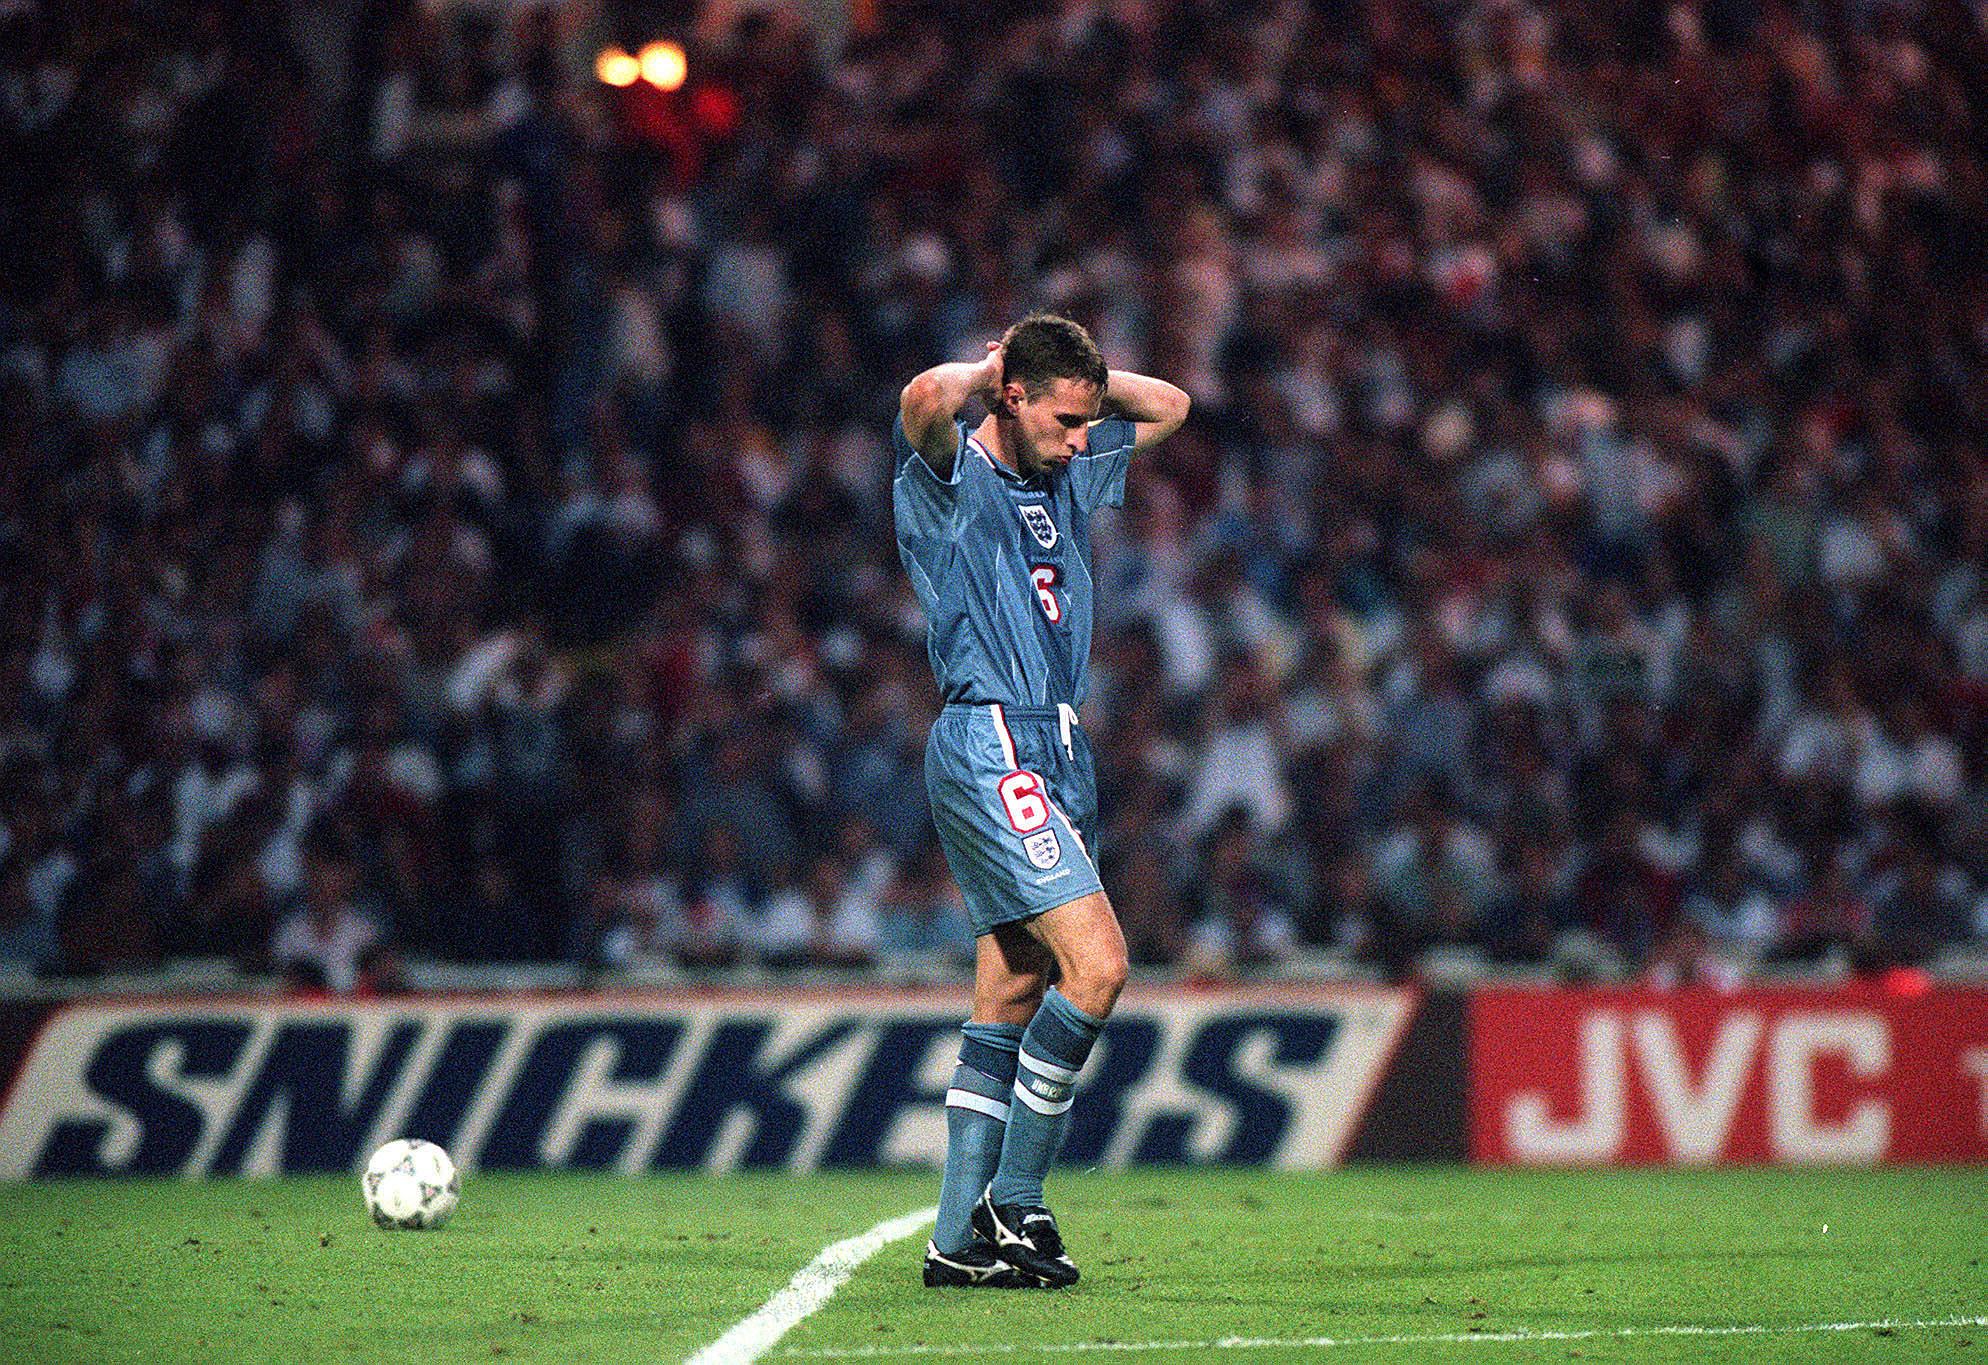 1996年欧洲杯,索斯盖特面对德国罚丢点球。